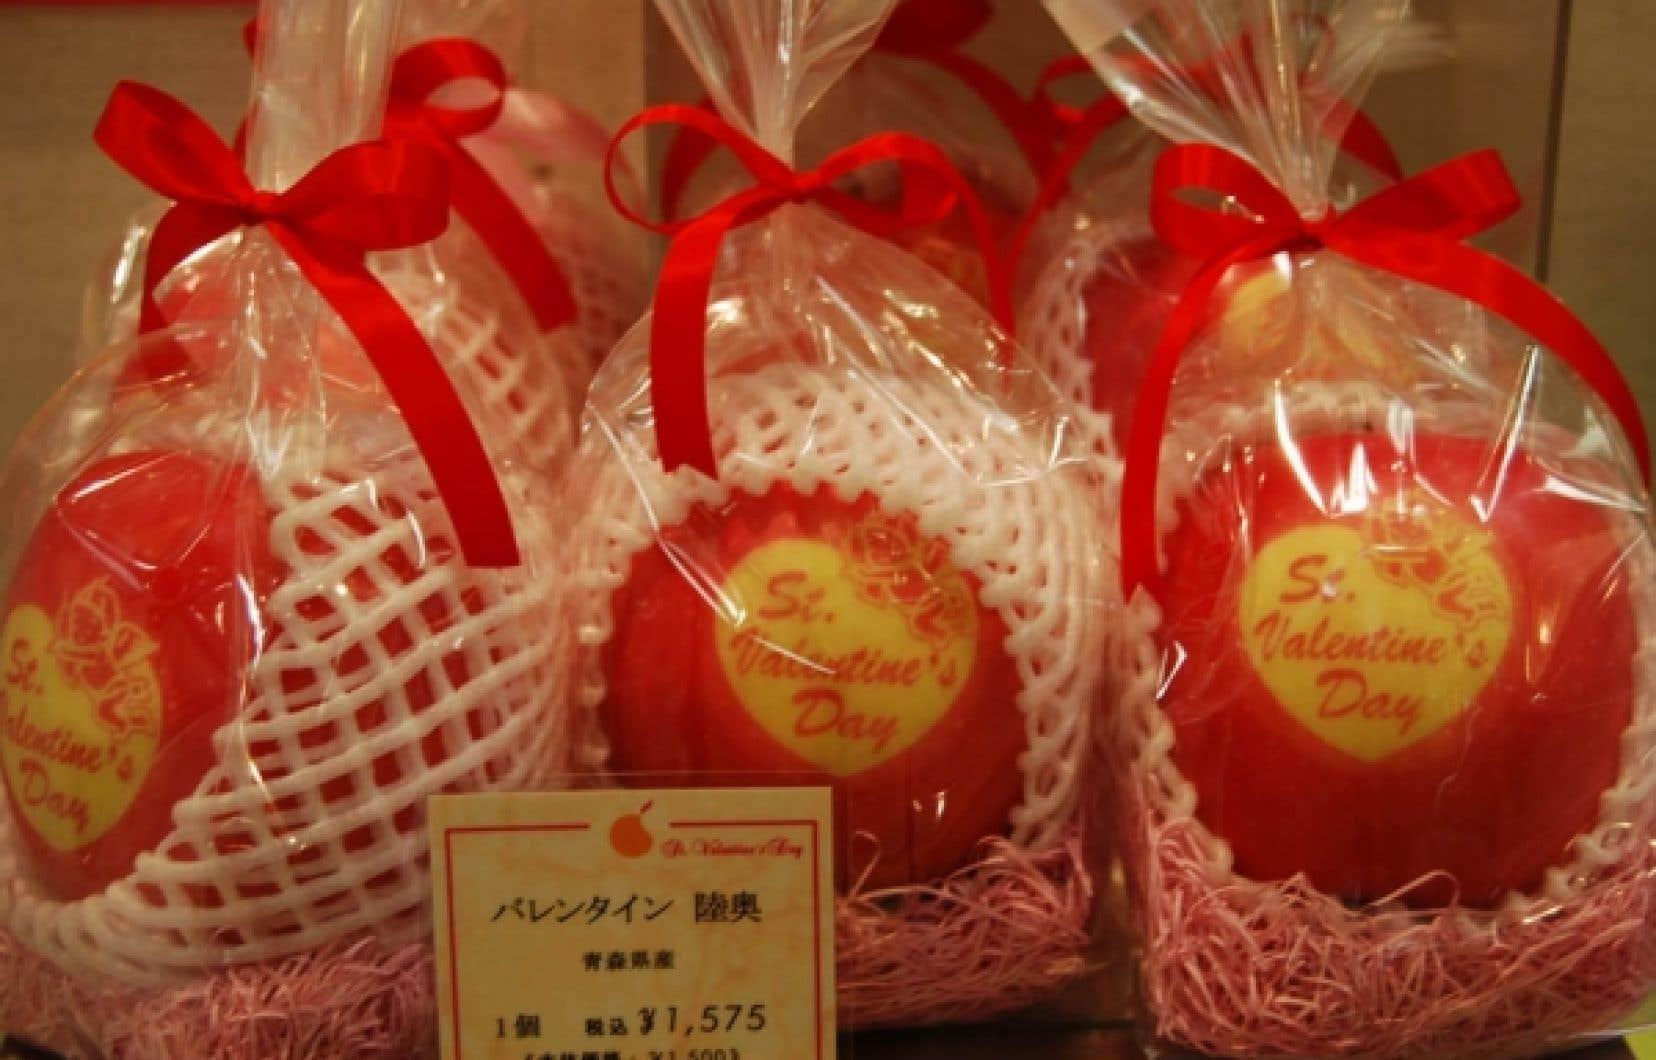 Le Salon du chocolat de Tokyo est un véritable Klondike pour l'industrie chocolatière, en croissance de 20 % par année depuis cinq ans au Japon. Il lui permet de réaliser 80 % de son chiffre d'affaires annuel, soit bien plus qu'à la période de Noël.